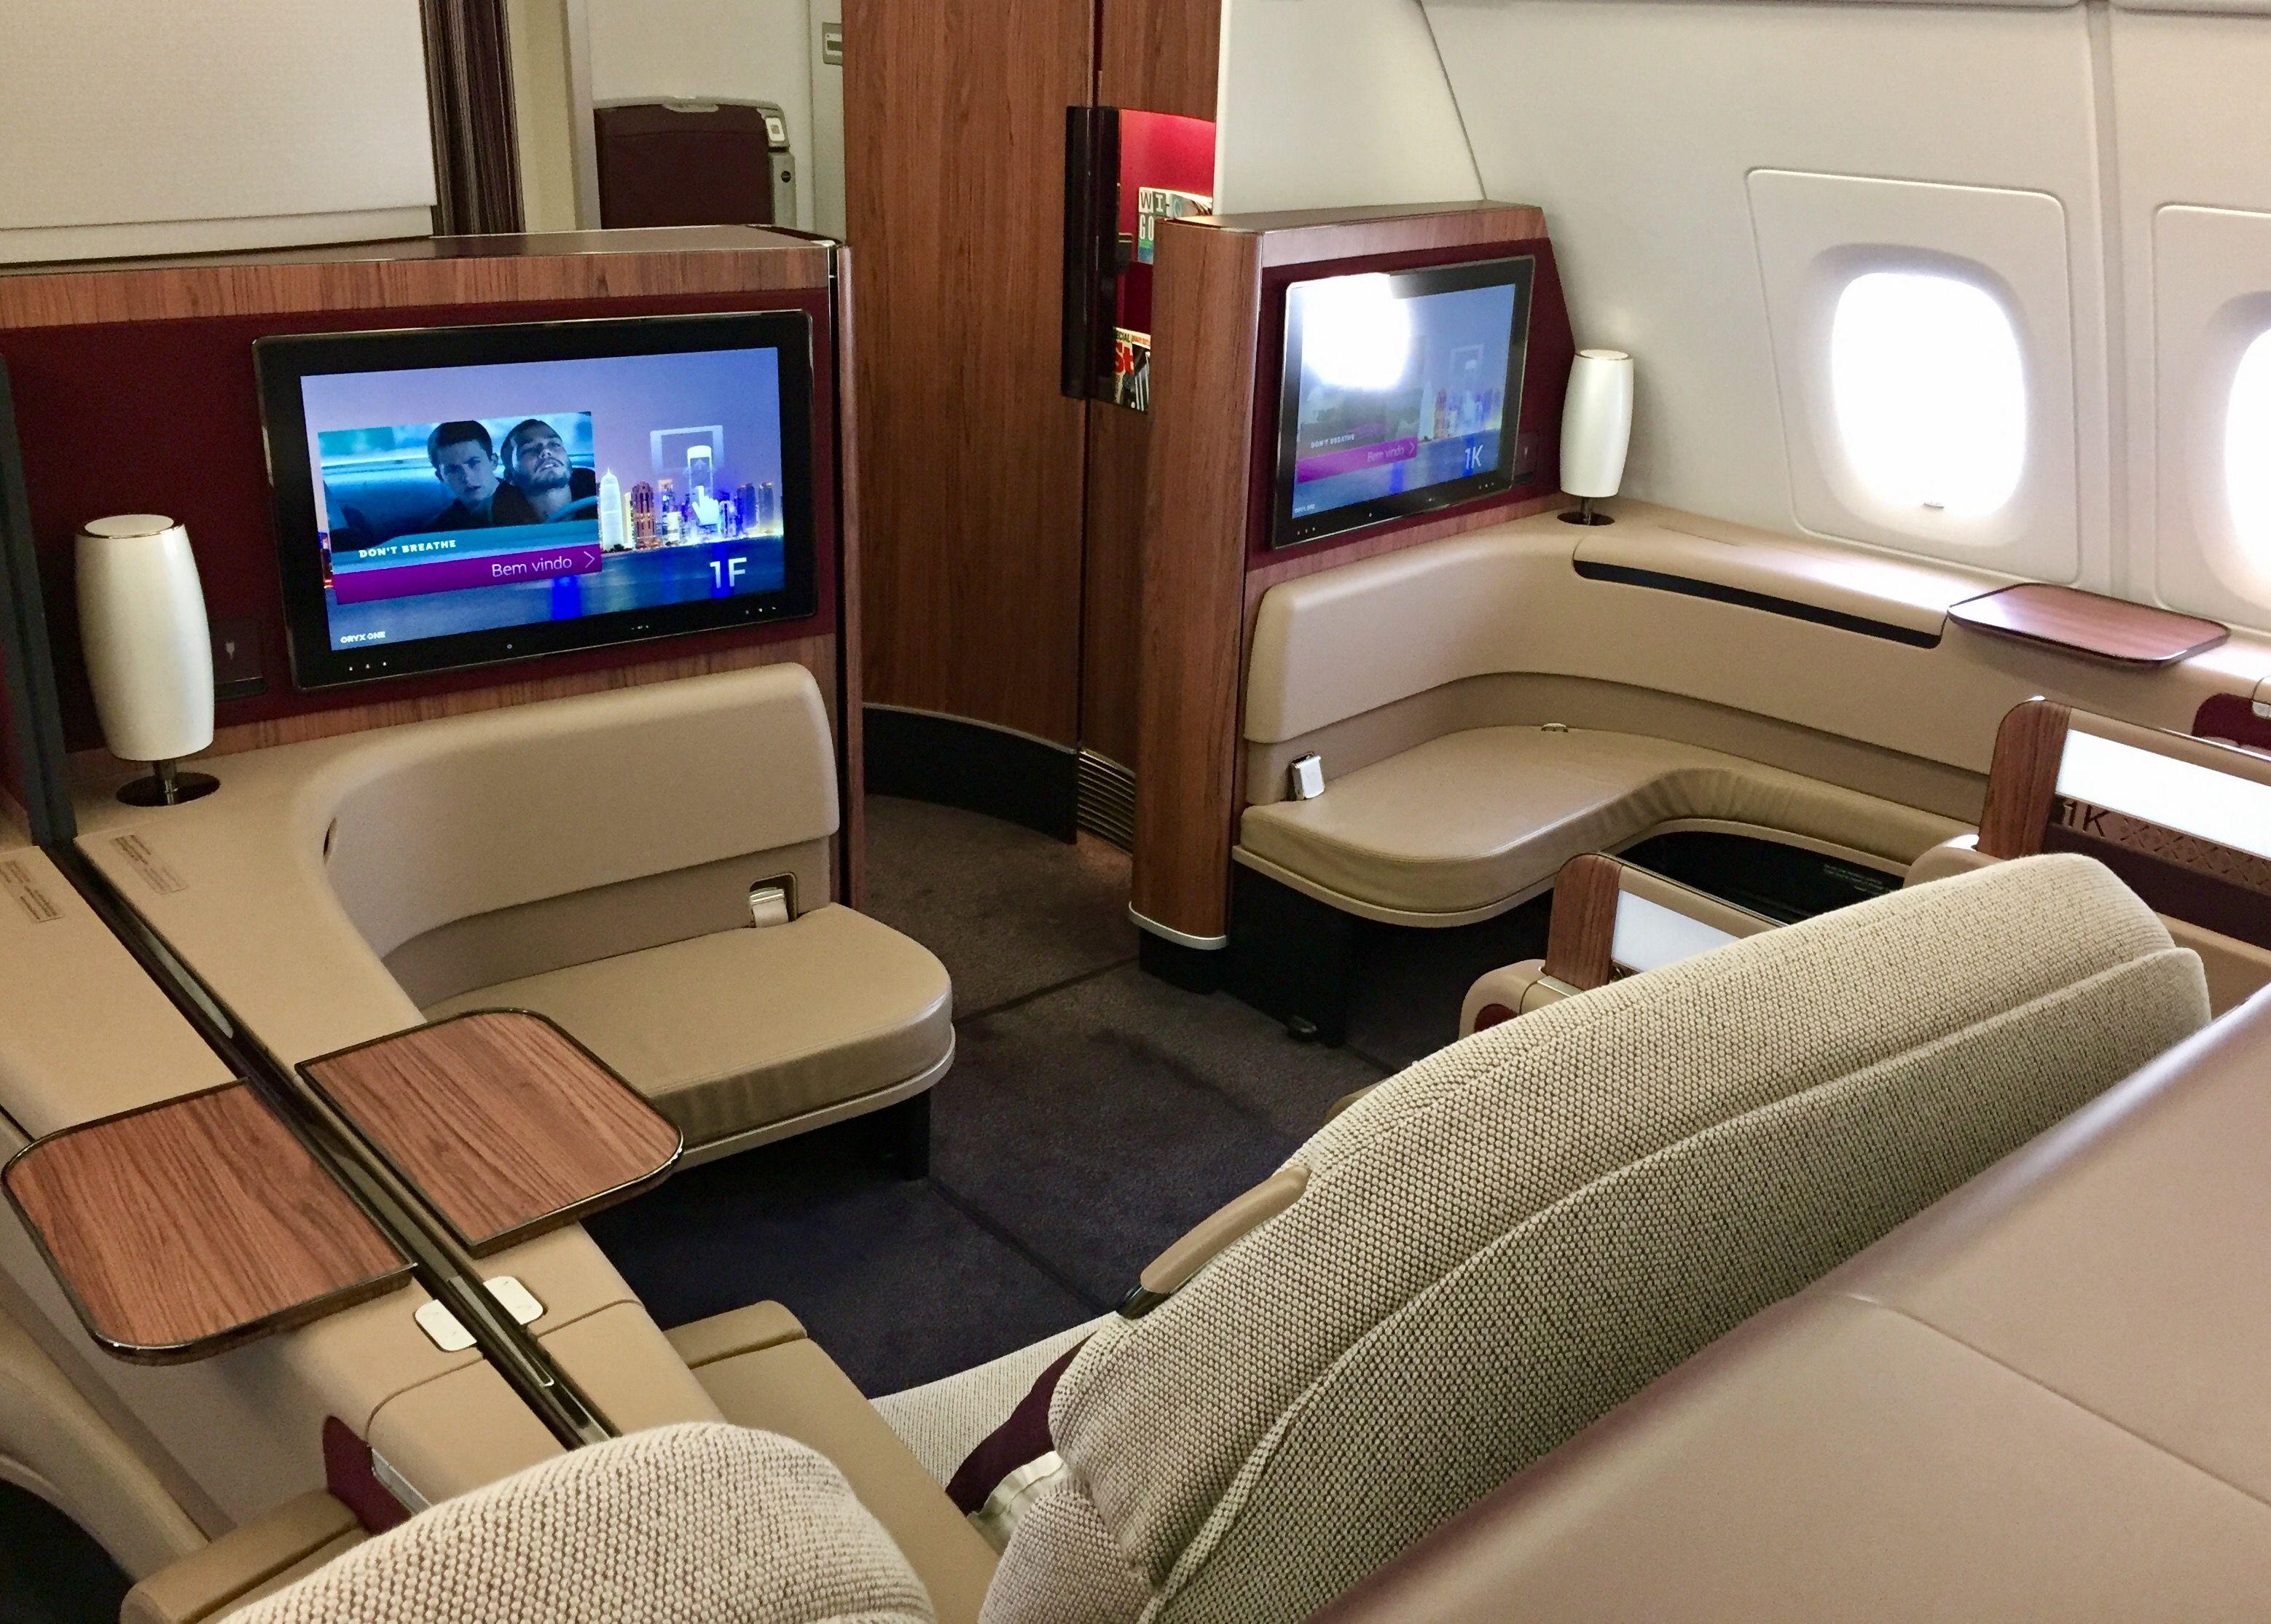 Flight review qatar airways first class flight review